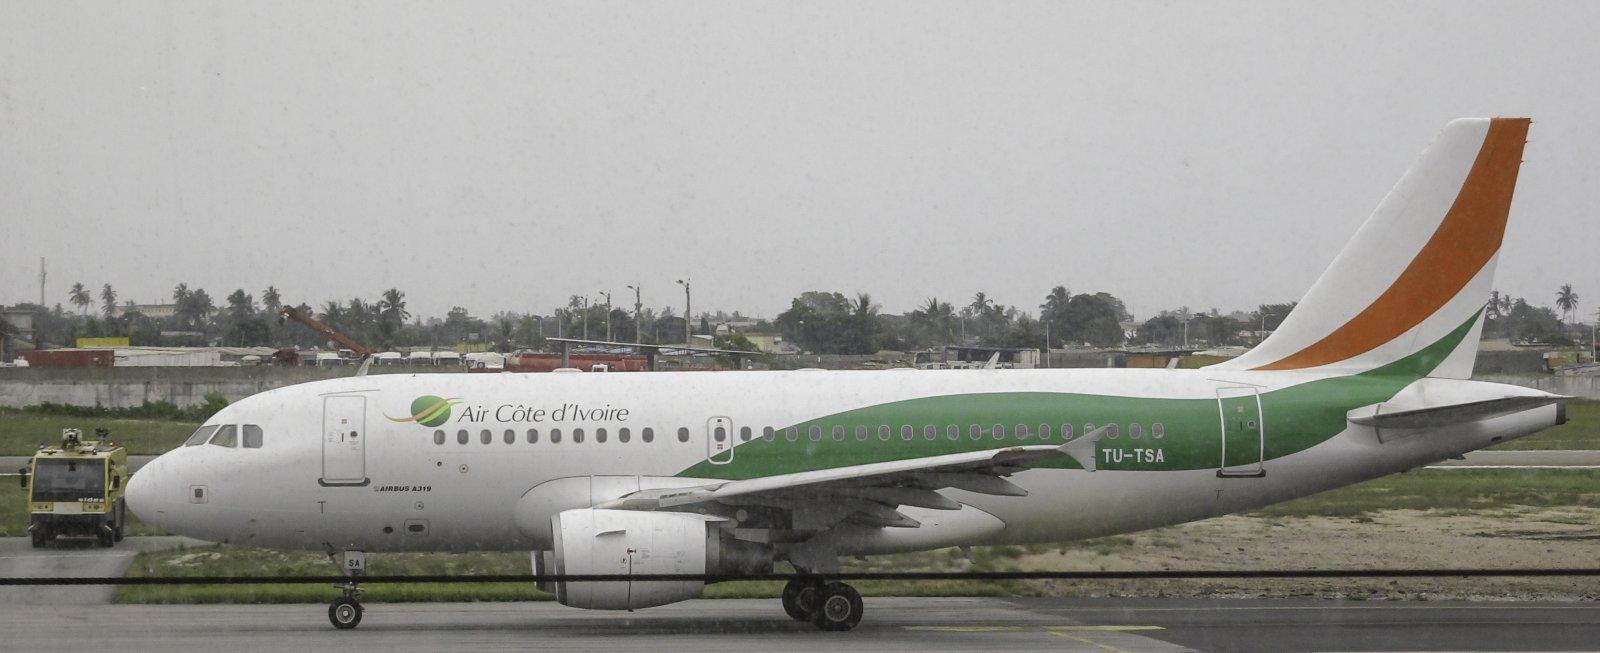 Air Côte d'Ivoire Airbus 319-115LR TU-TSA